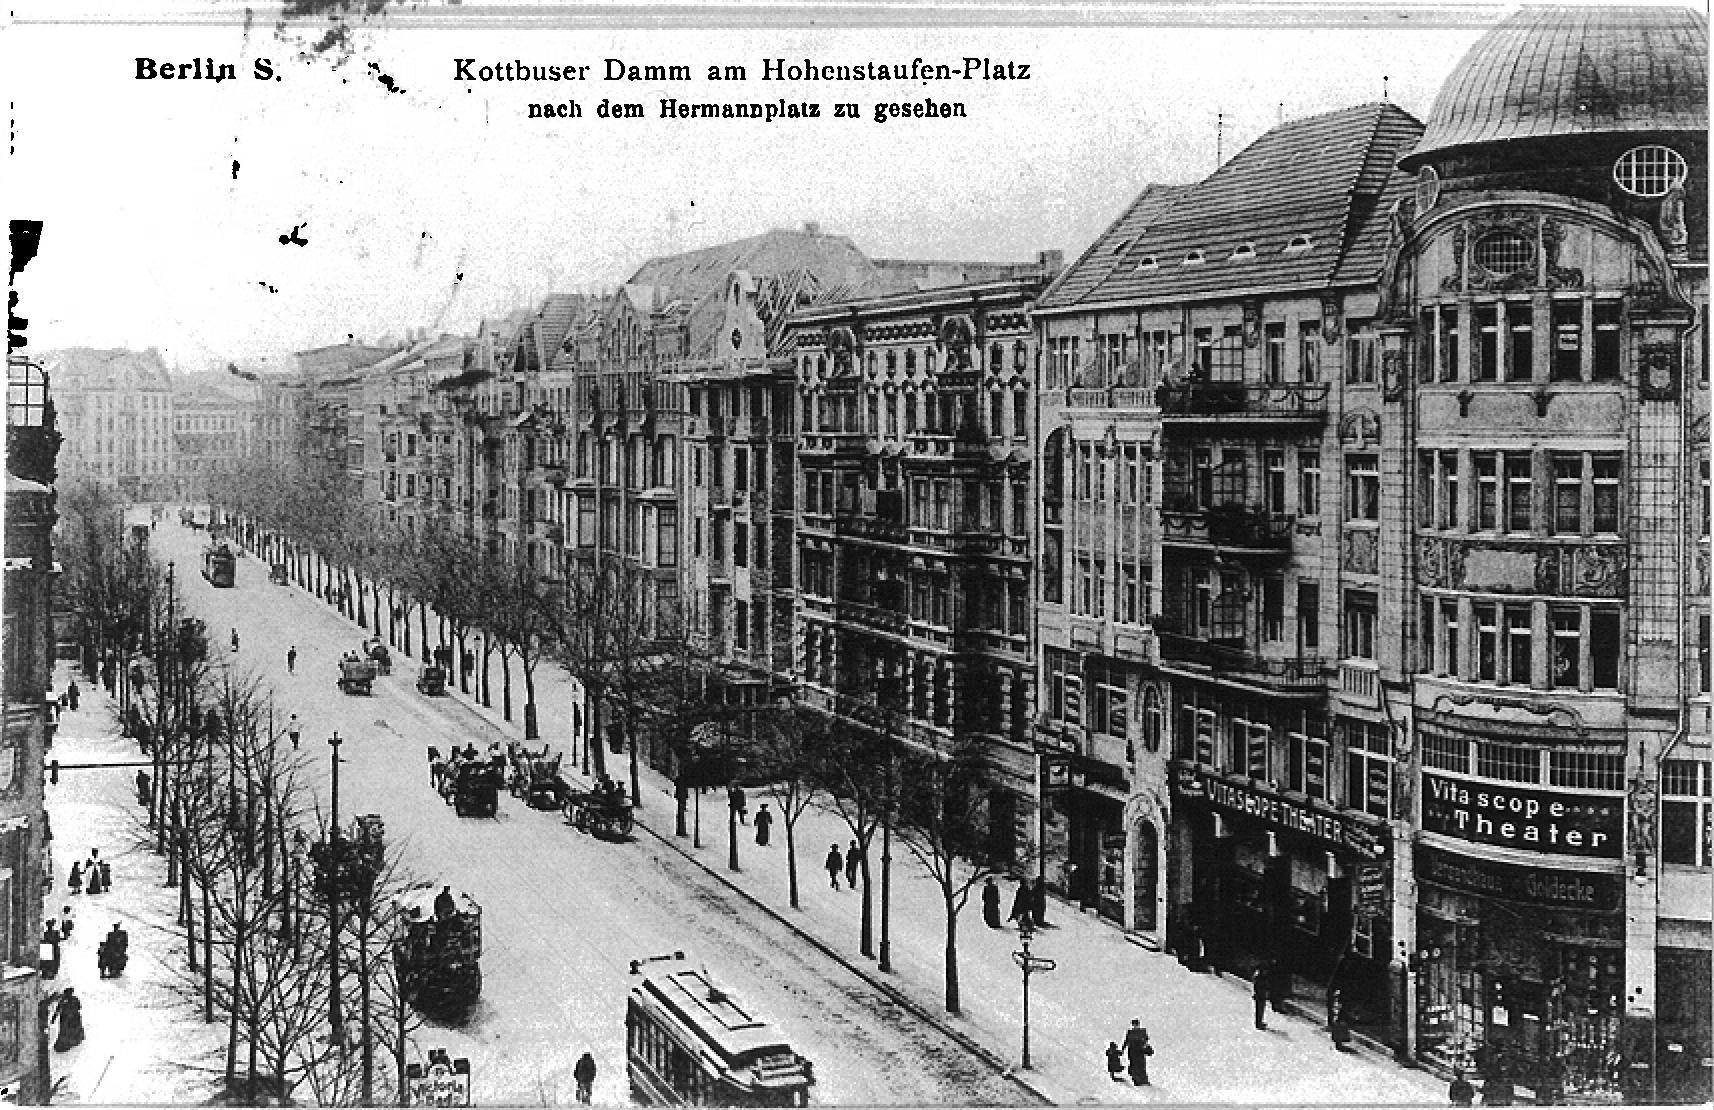 Lange Tradition: Seit 1907 werden im Eckhaus am Kottbusser Damm Kinofilme gezeigt, heute unter dem Namen Moviemento.